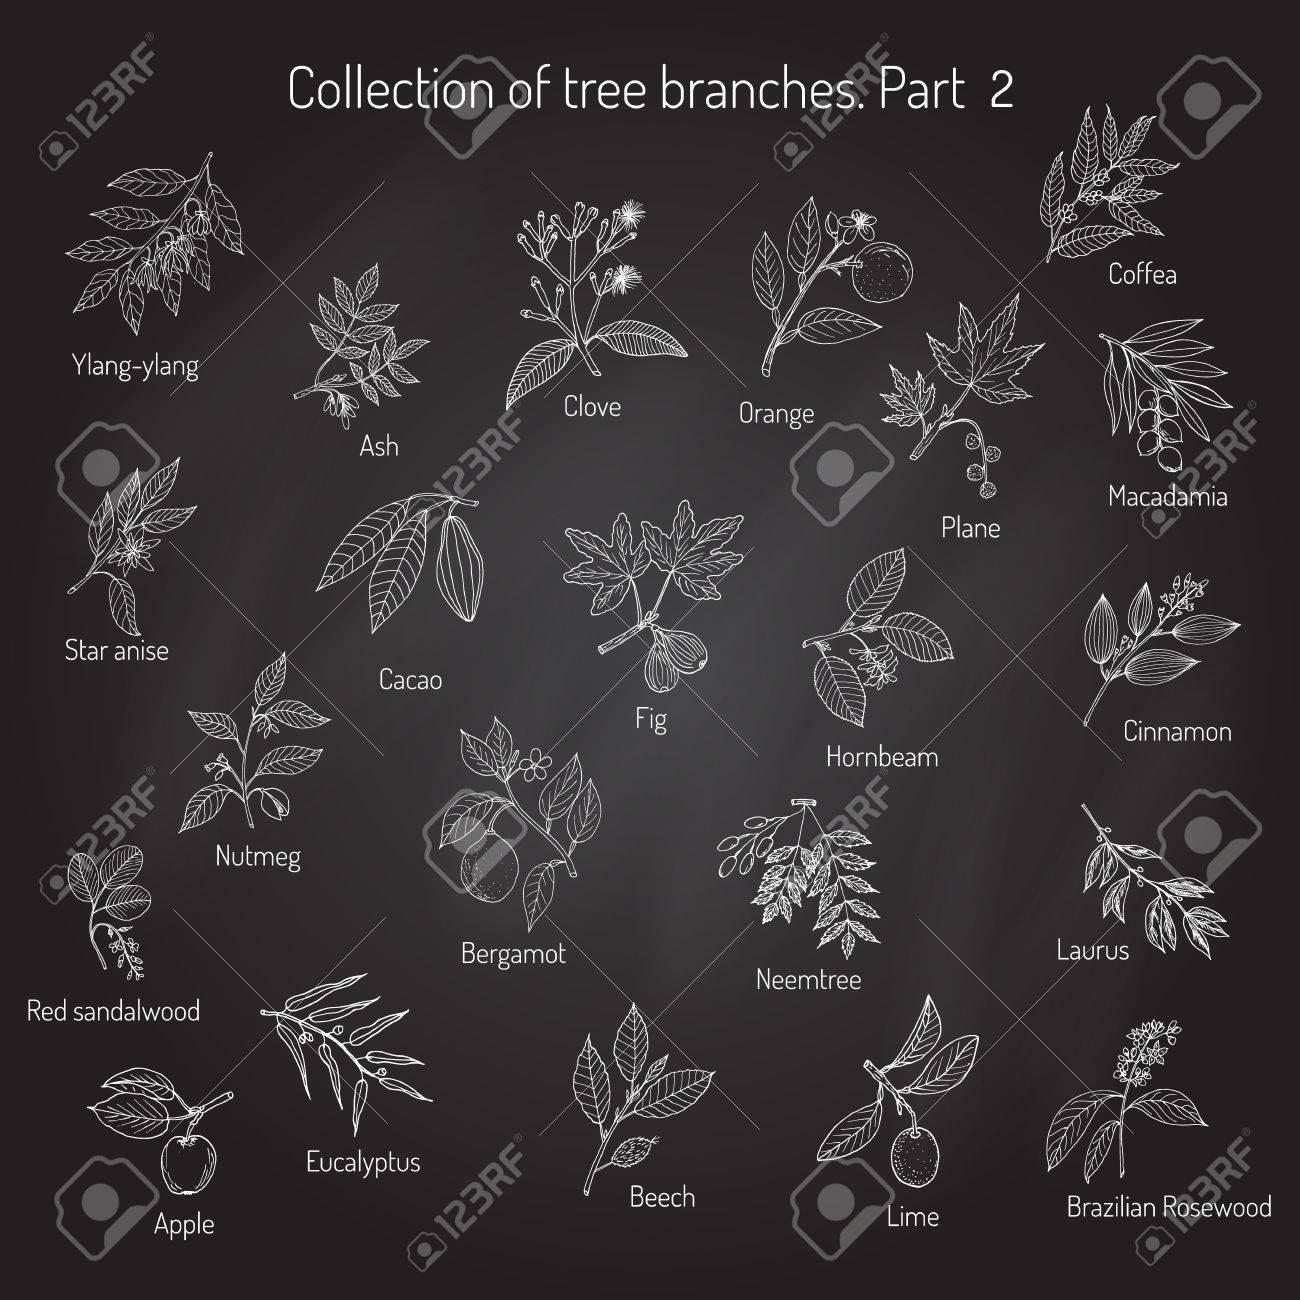 別の木の枝のセットです。手描きの背景イラスト ロイヤリティフリー